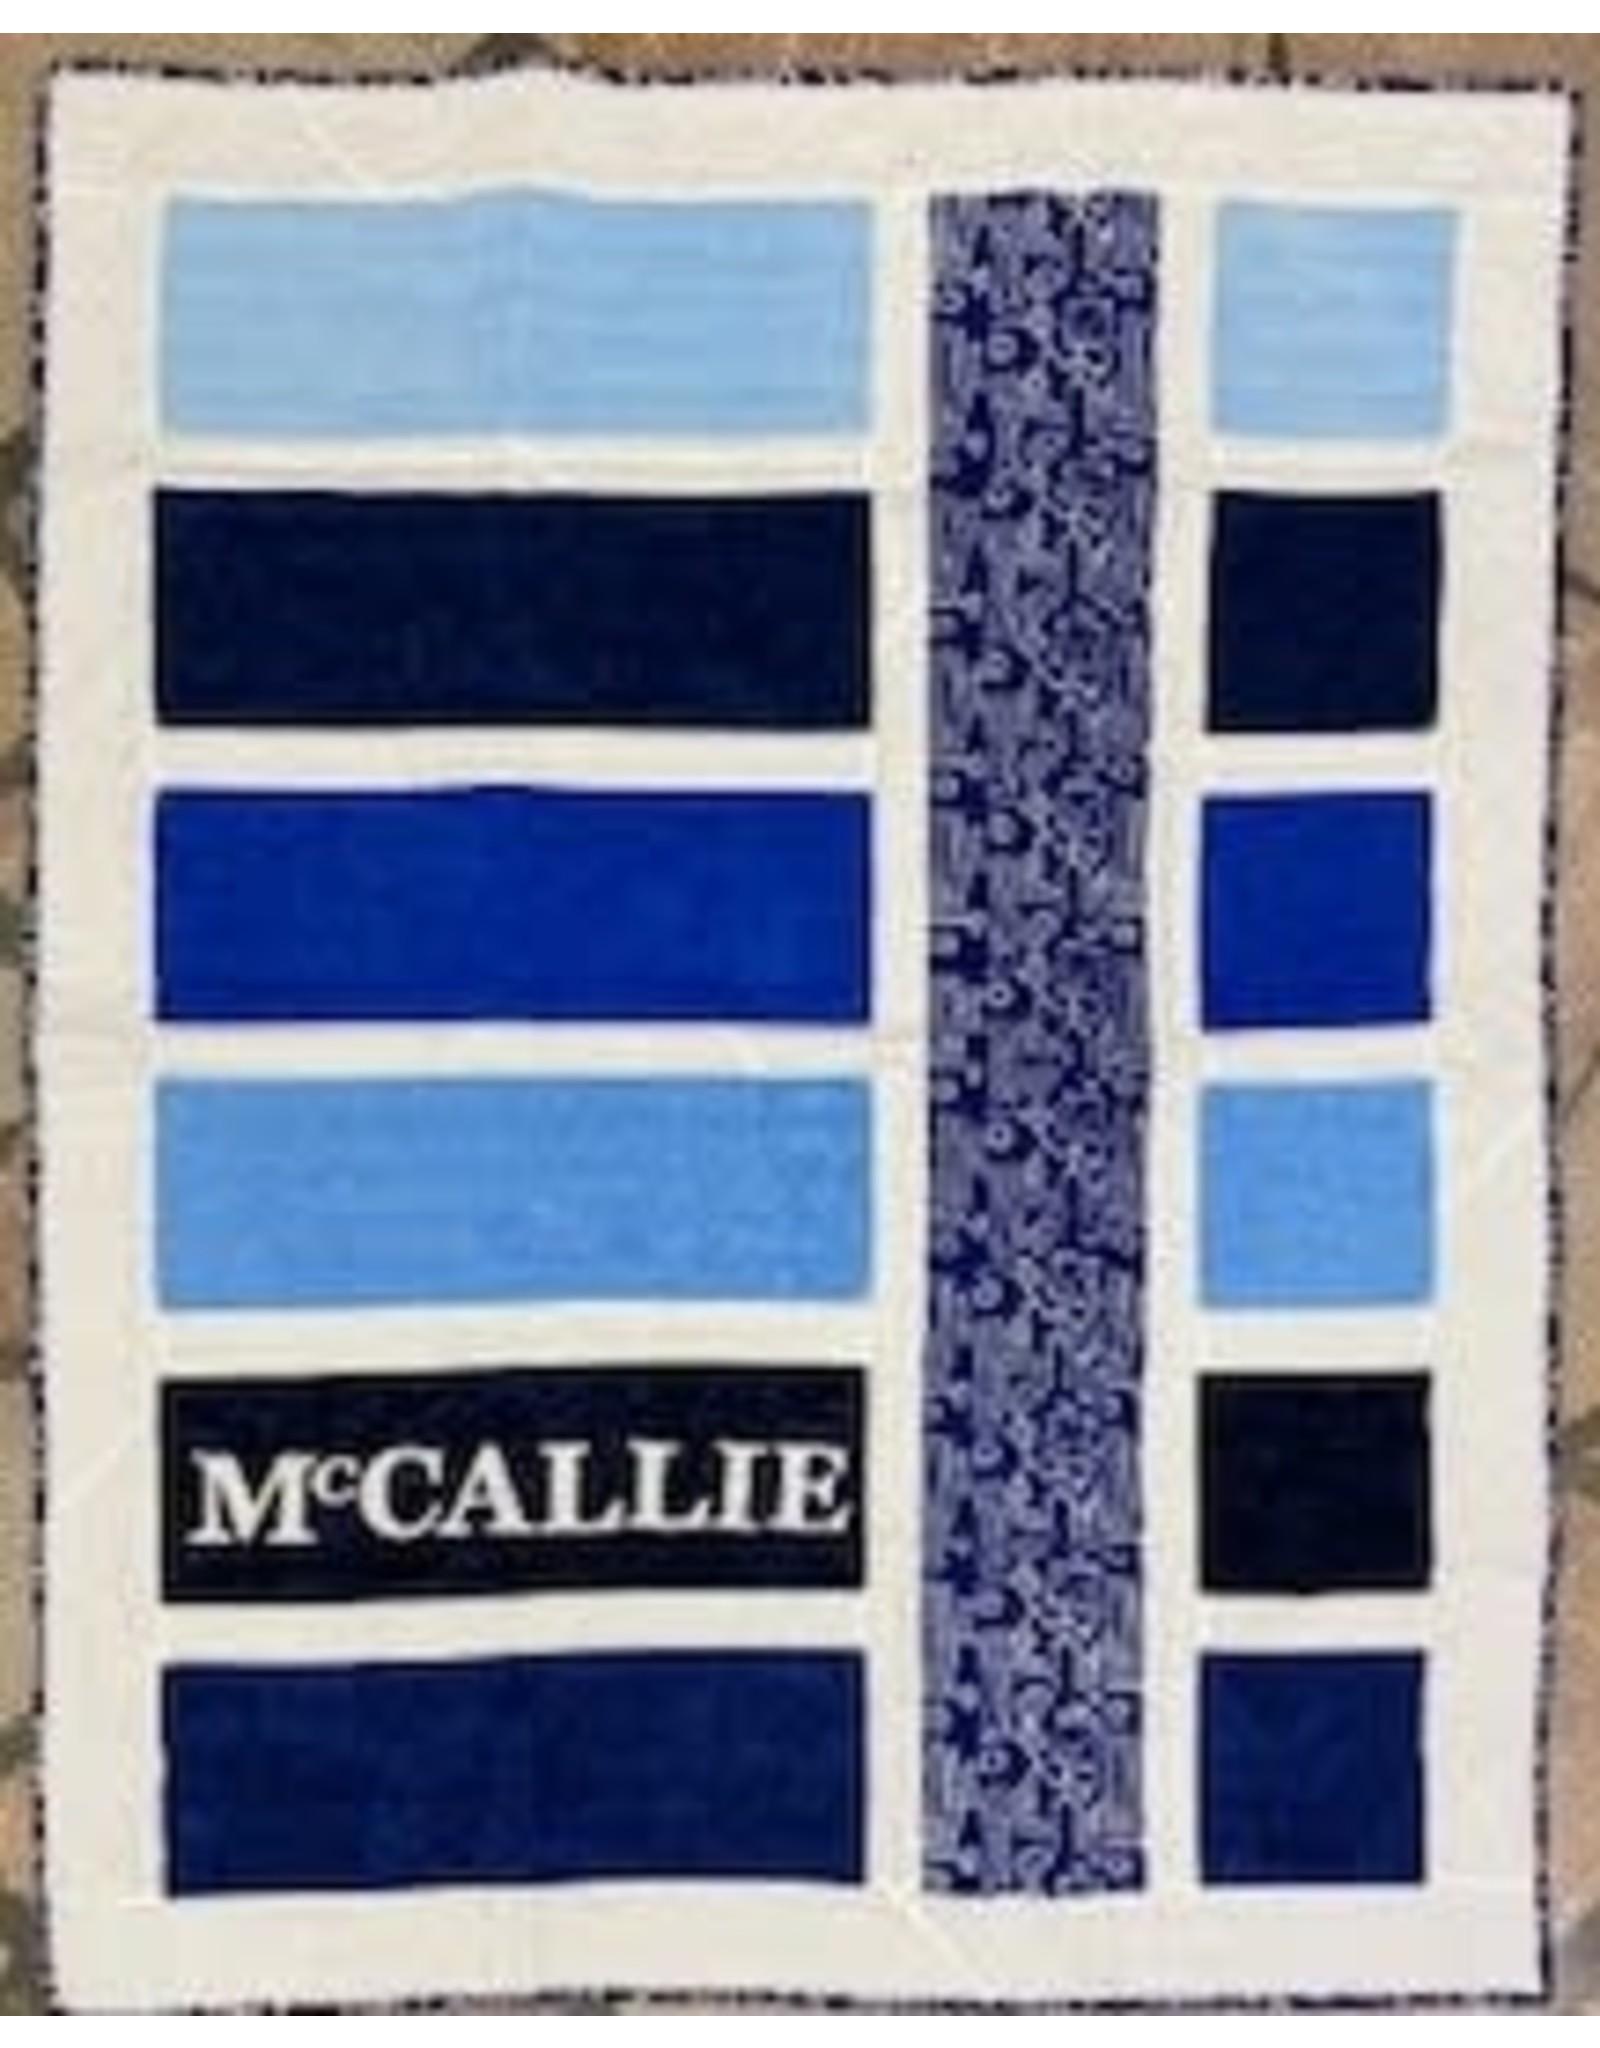 MCCALLIE QUILT